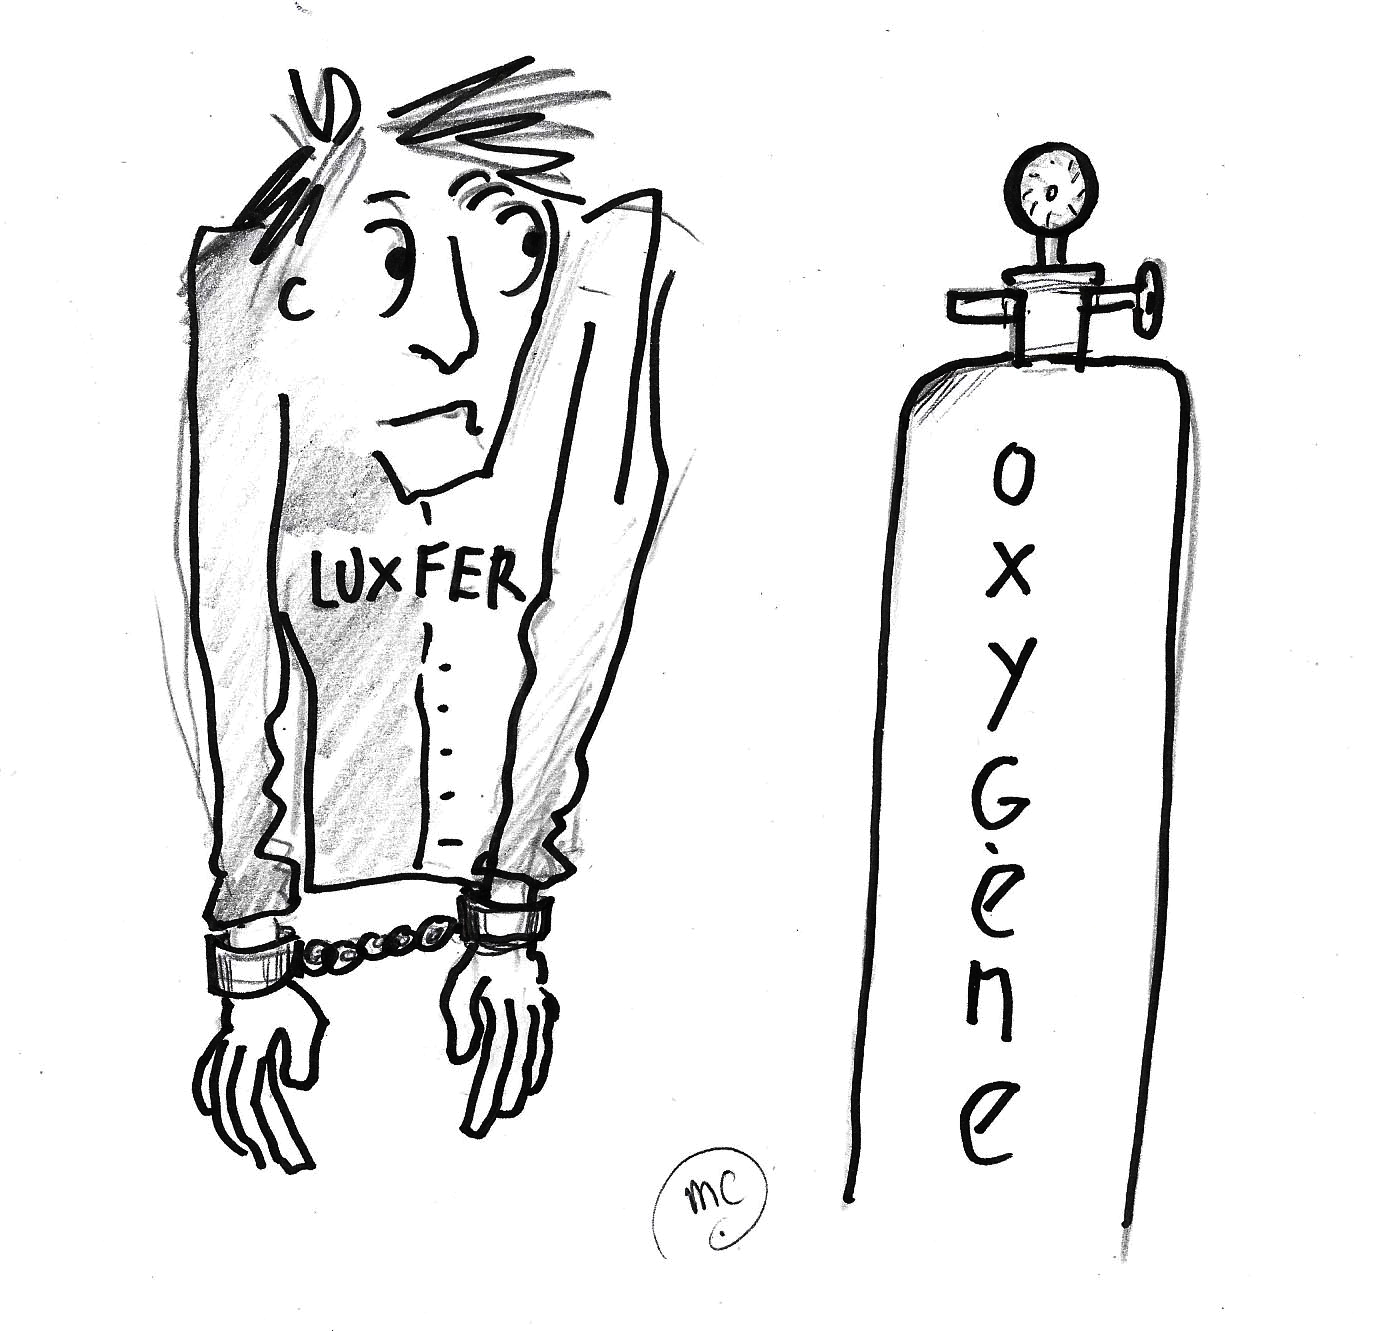 LUXFER : quand la crise sanitaire révèle  l'absurdité de certaines décisions